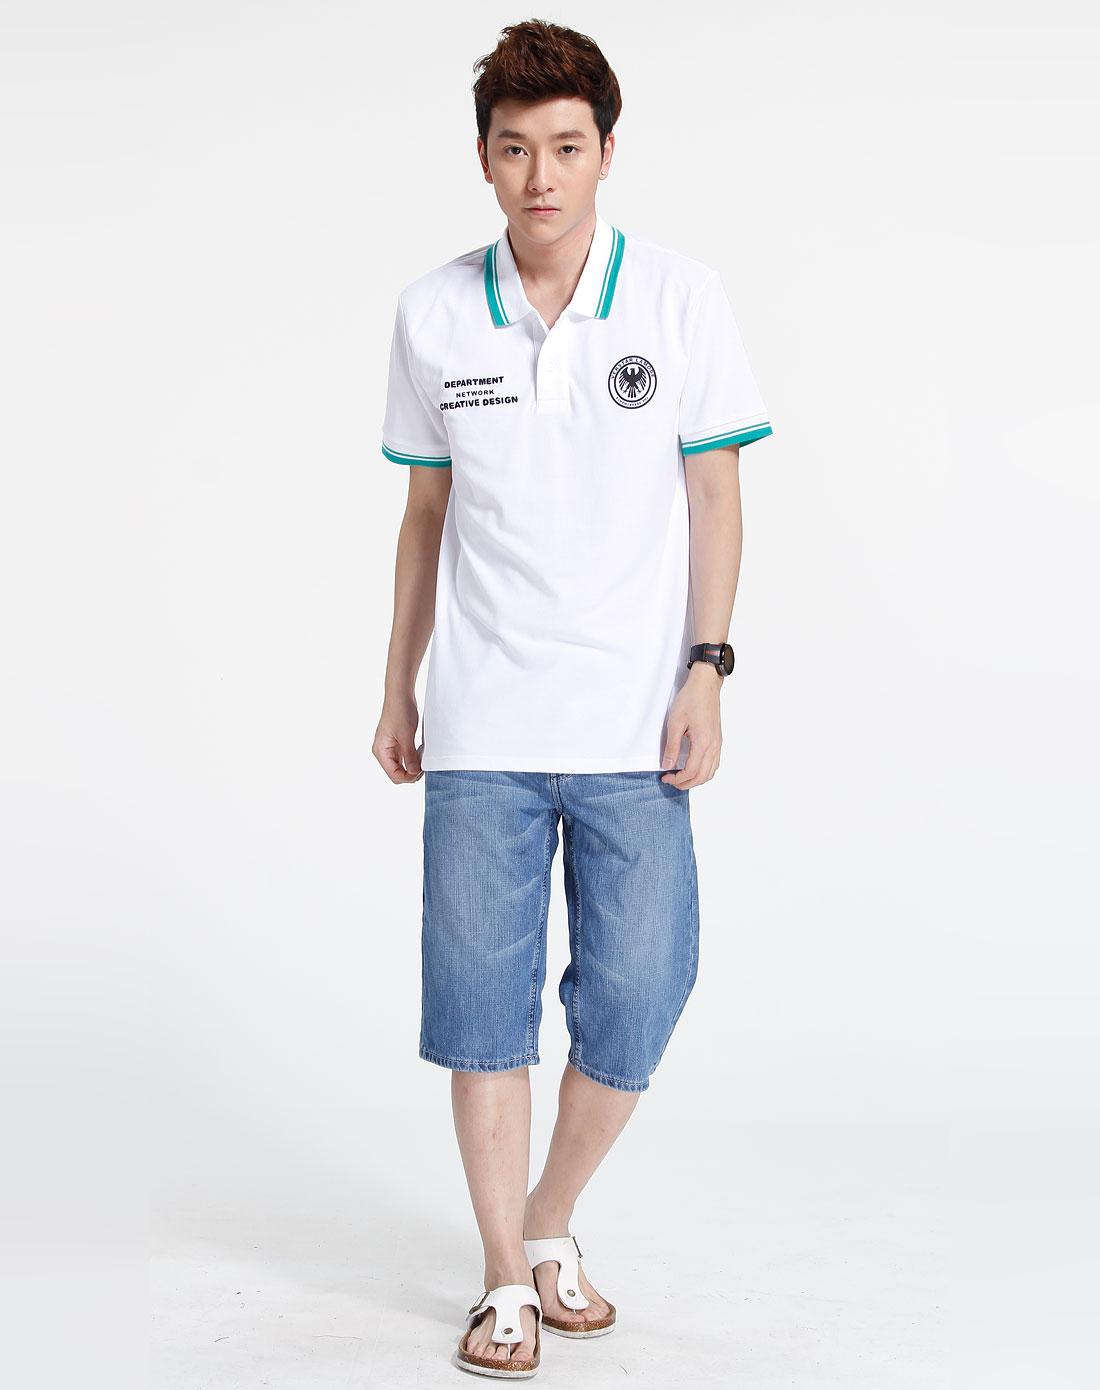 森马男装专场-白/绿色印字短袖polo衫图片